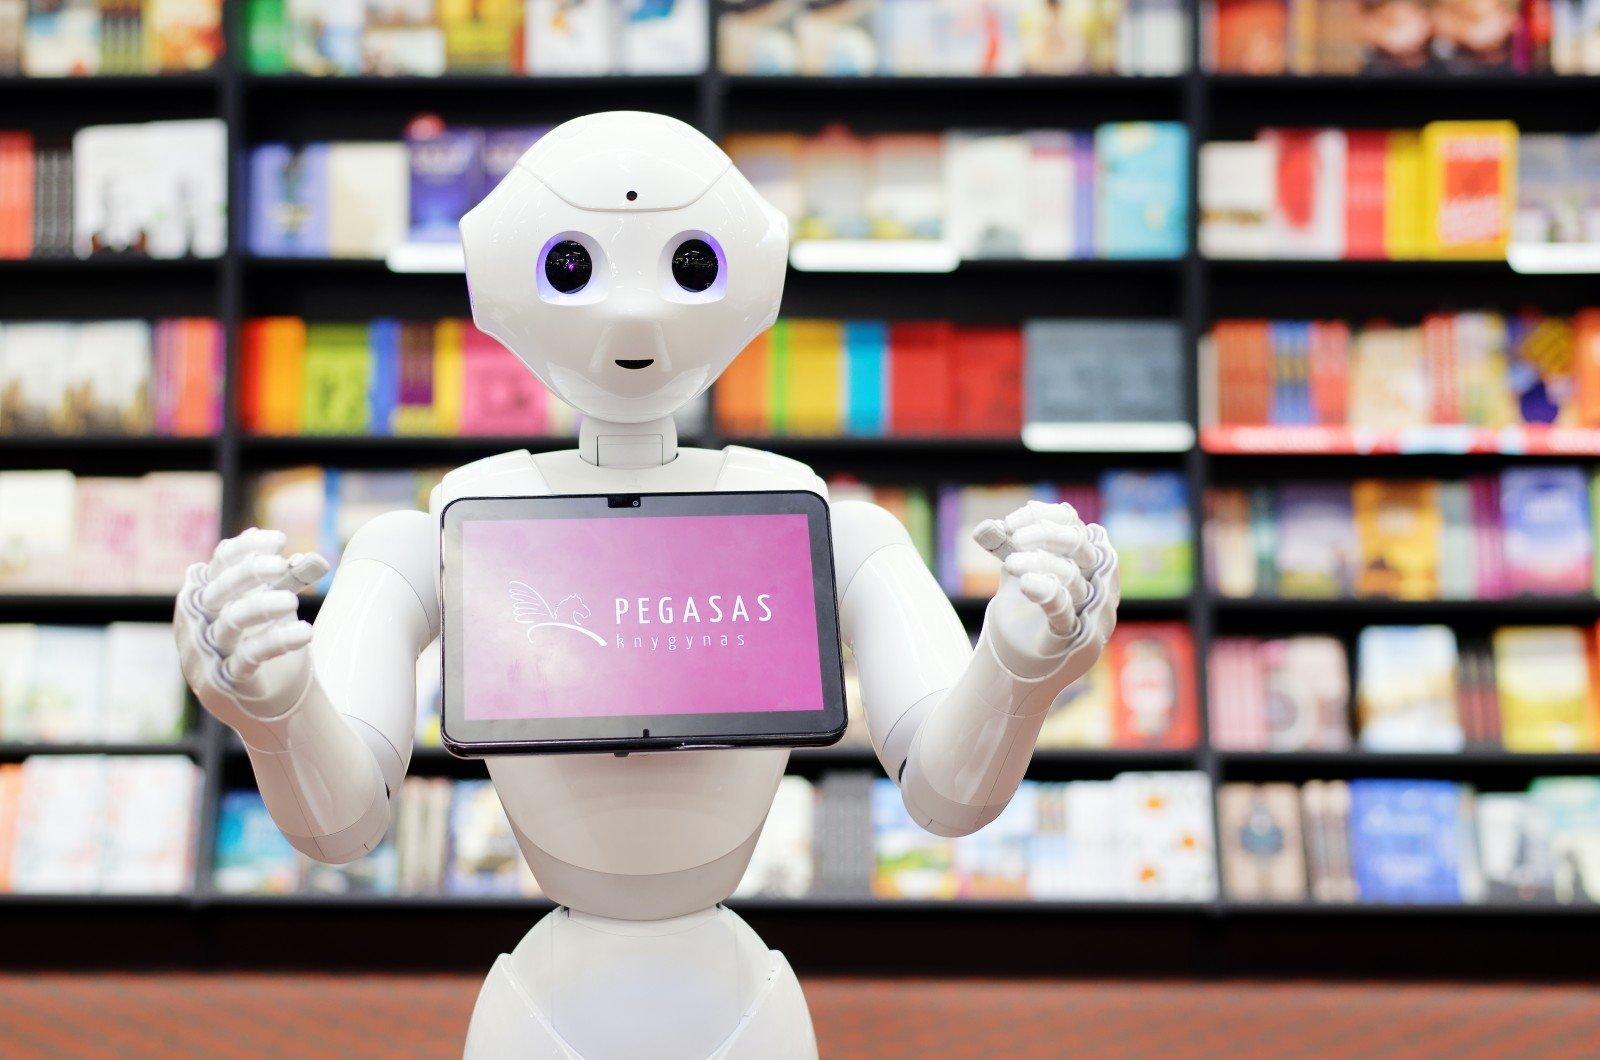 kas gali pagaminti prekybos robotą dvejetainiai variantai be rizikos strategijų